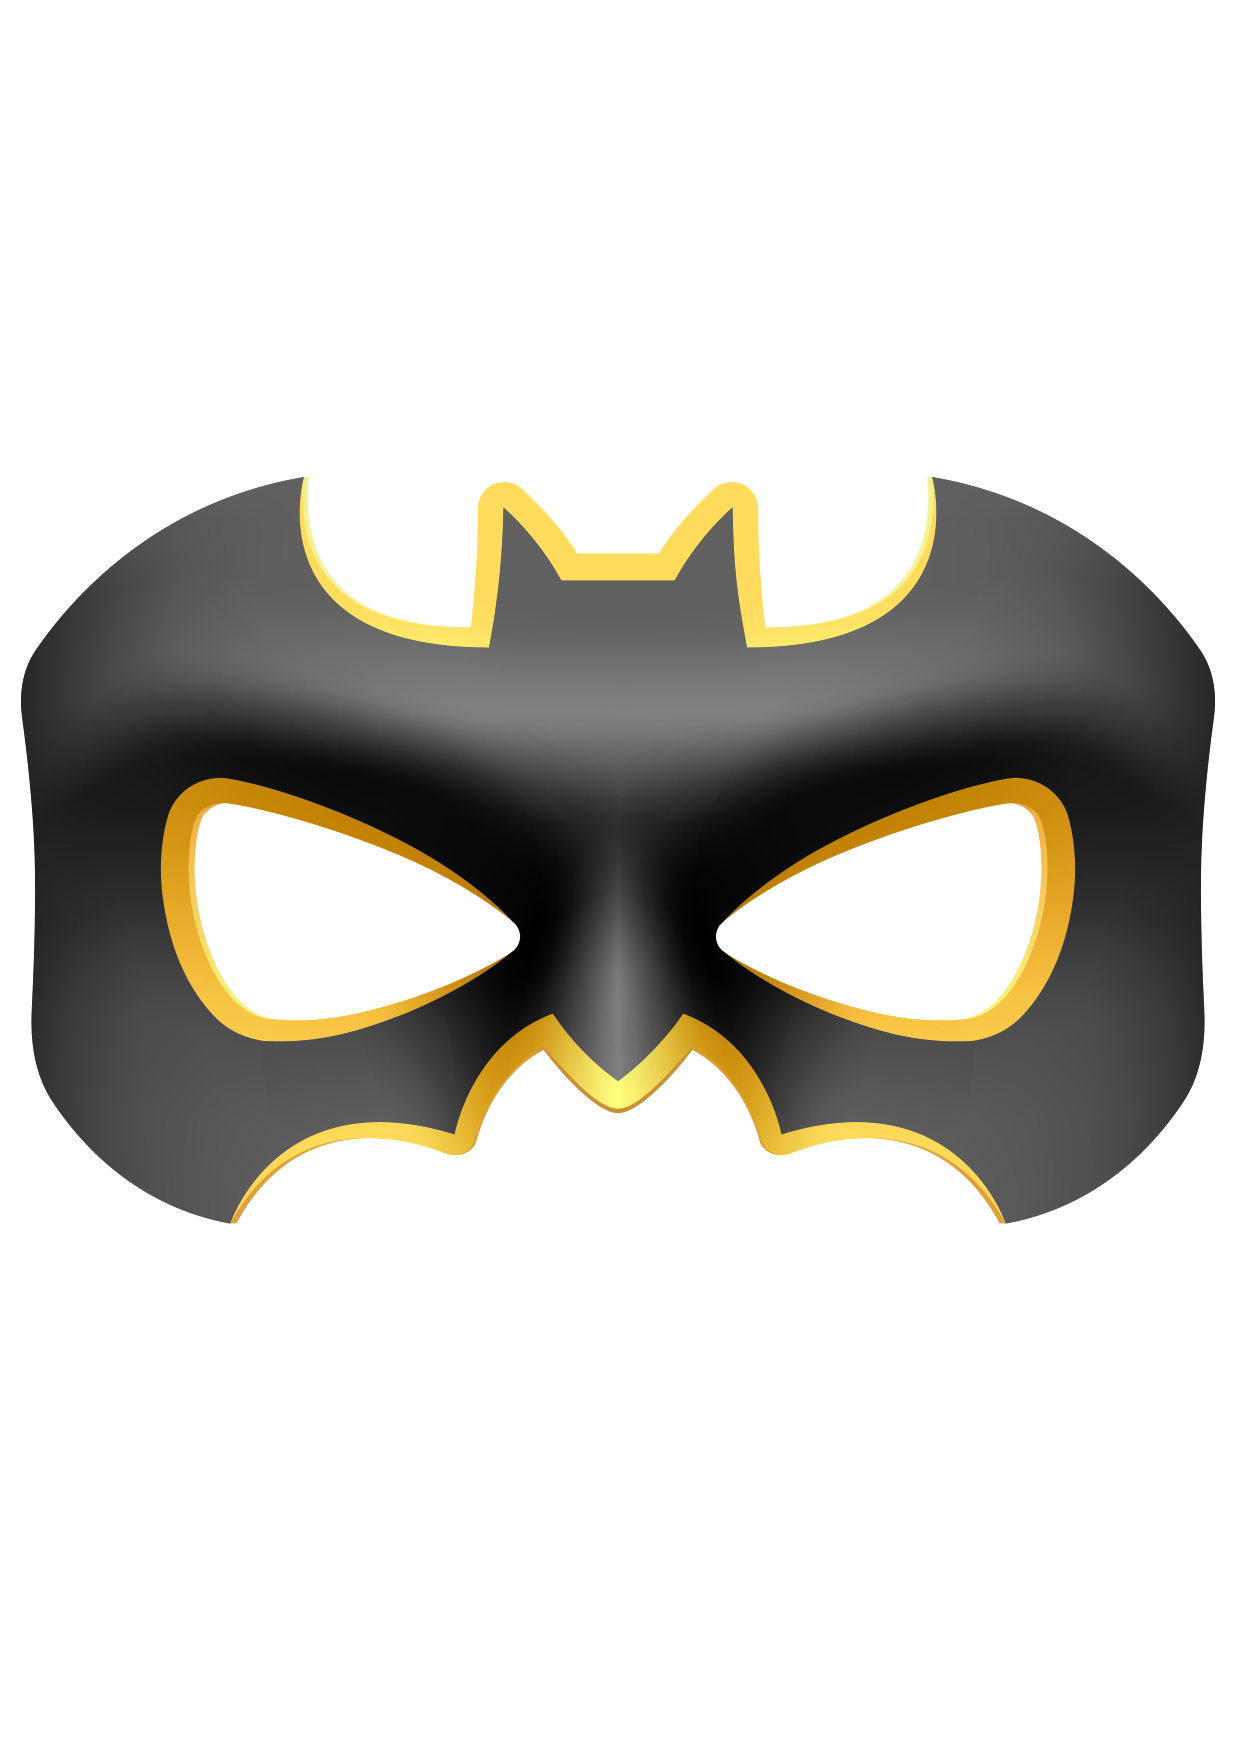 Masques À Découper - Mes Activités - Gulli encequiconcerne Masque Spiderman A Imprimer